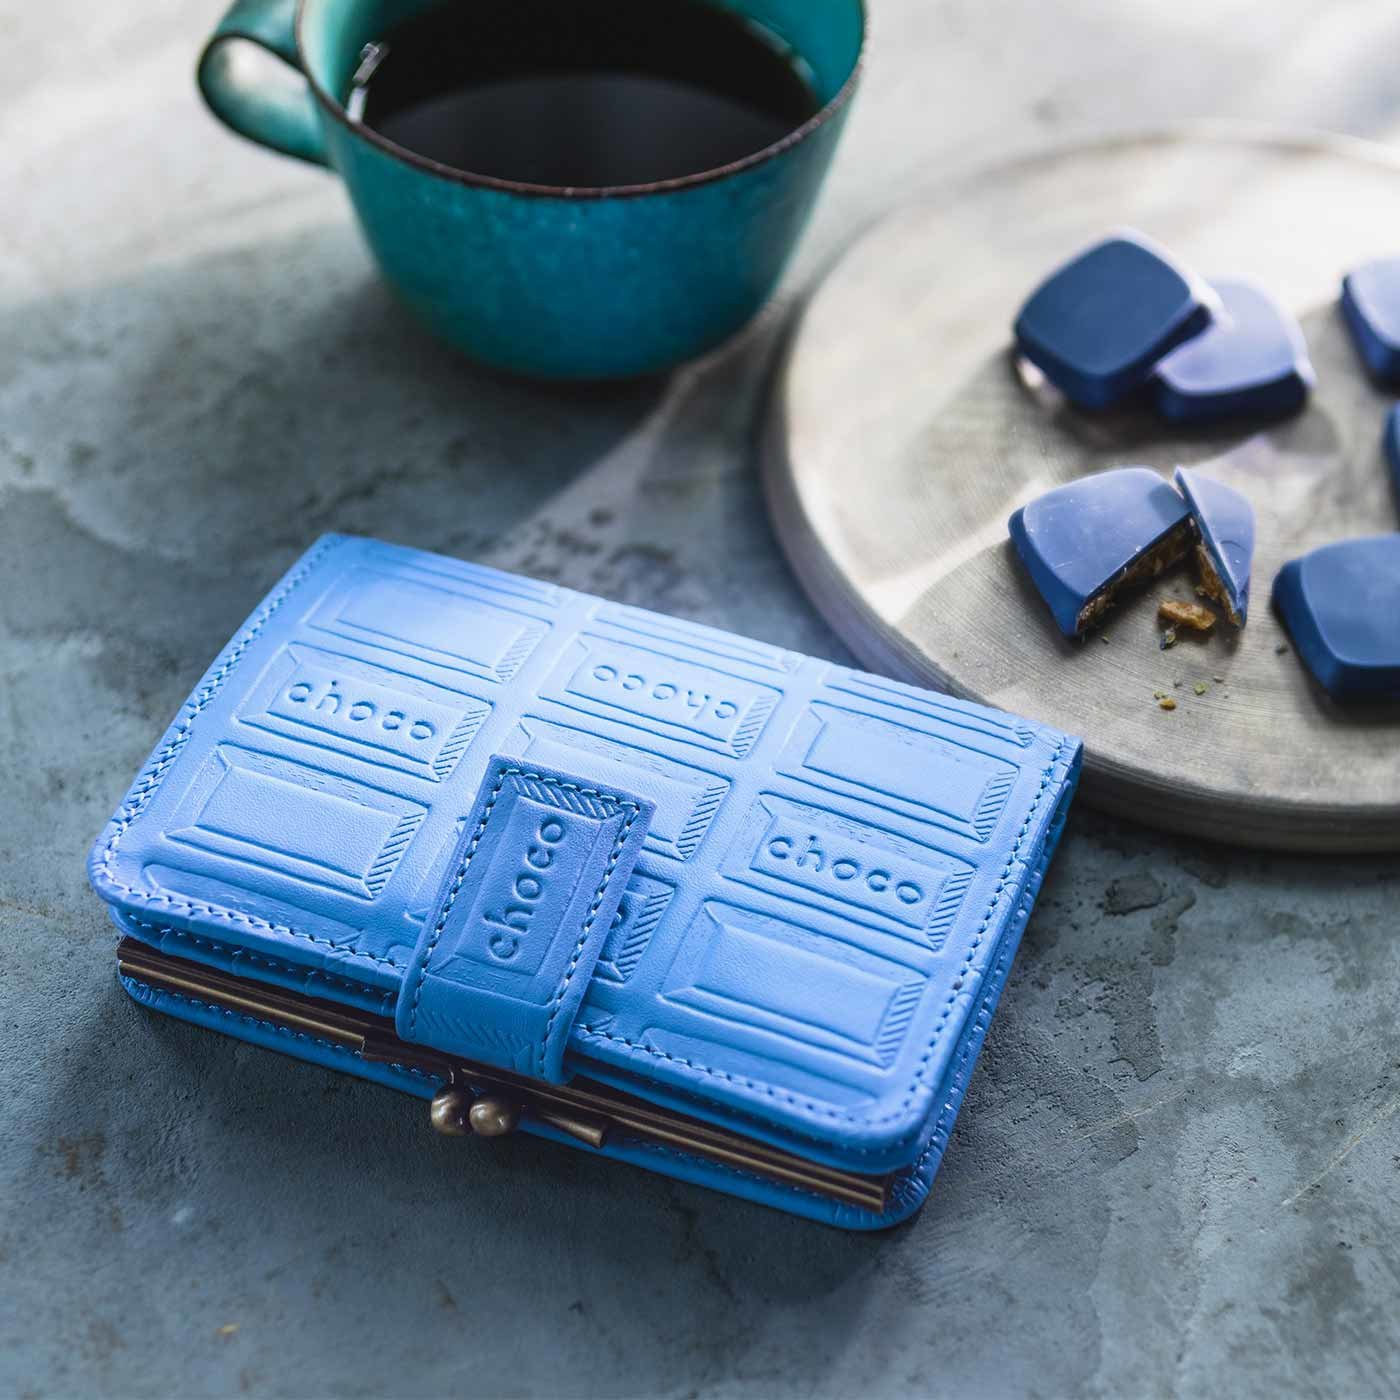 チョコレートバイヤーとコラボ! チョコ型押しで誂えた 本革がま口付き折り財布〈エクセレントブルー〉